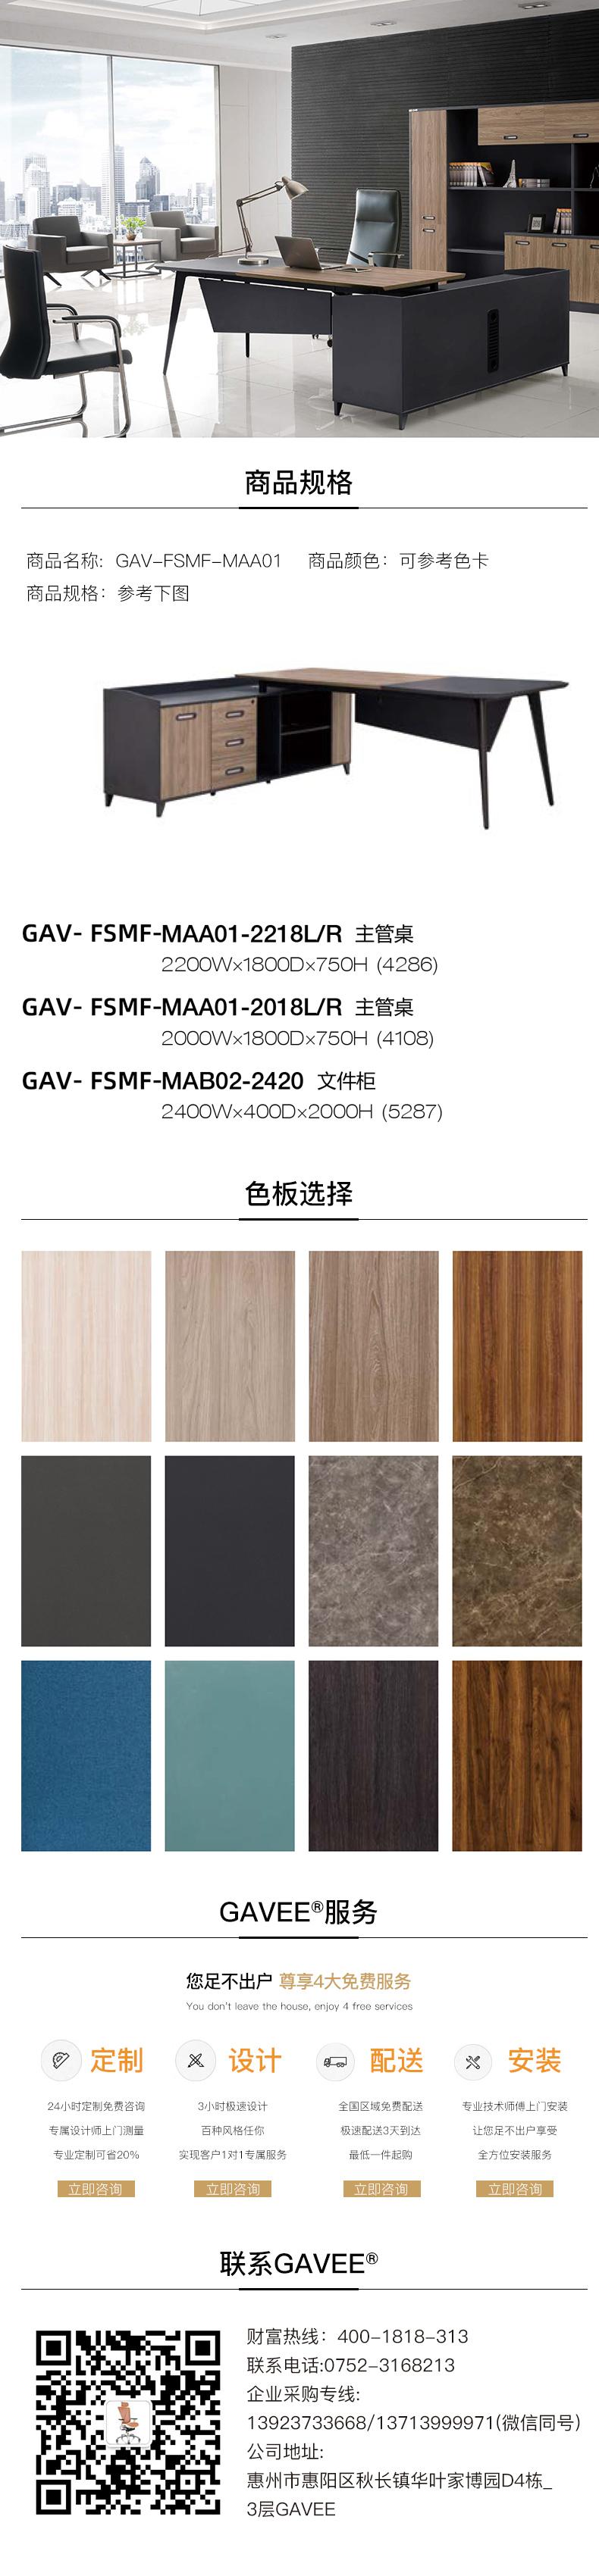 行政管理系統GAV-FSMF-MAA01.jpg